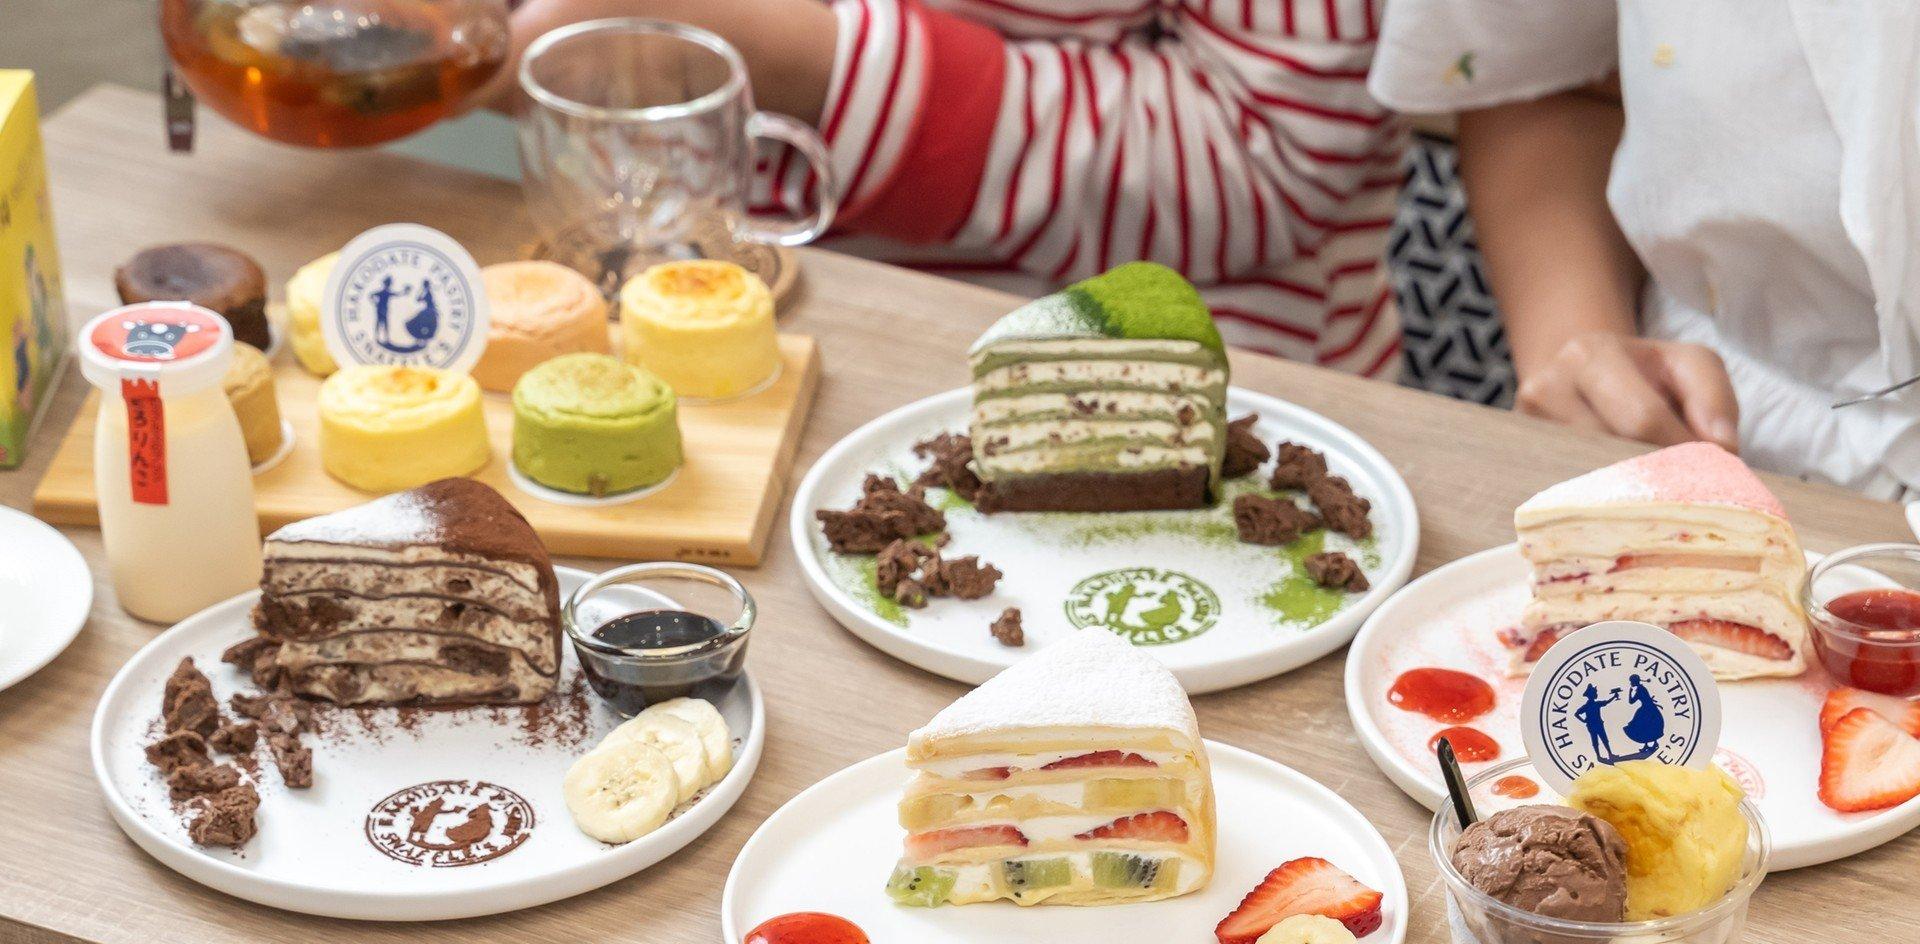 [รีวิว] Snaffle's ร้านชีสเค้กญี่ปุ่นส่งตรงรสชาติแบบฉบับฮอกไกโดสู่ไทย!